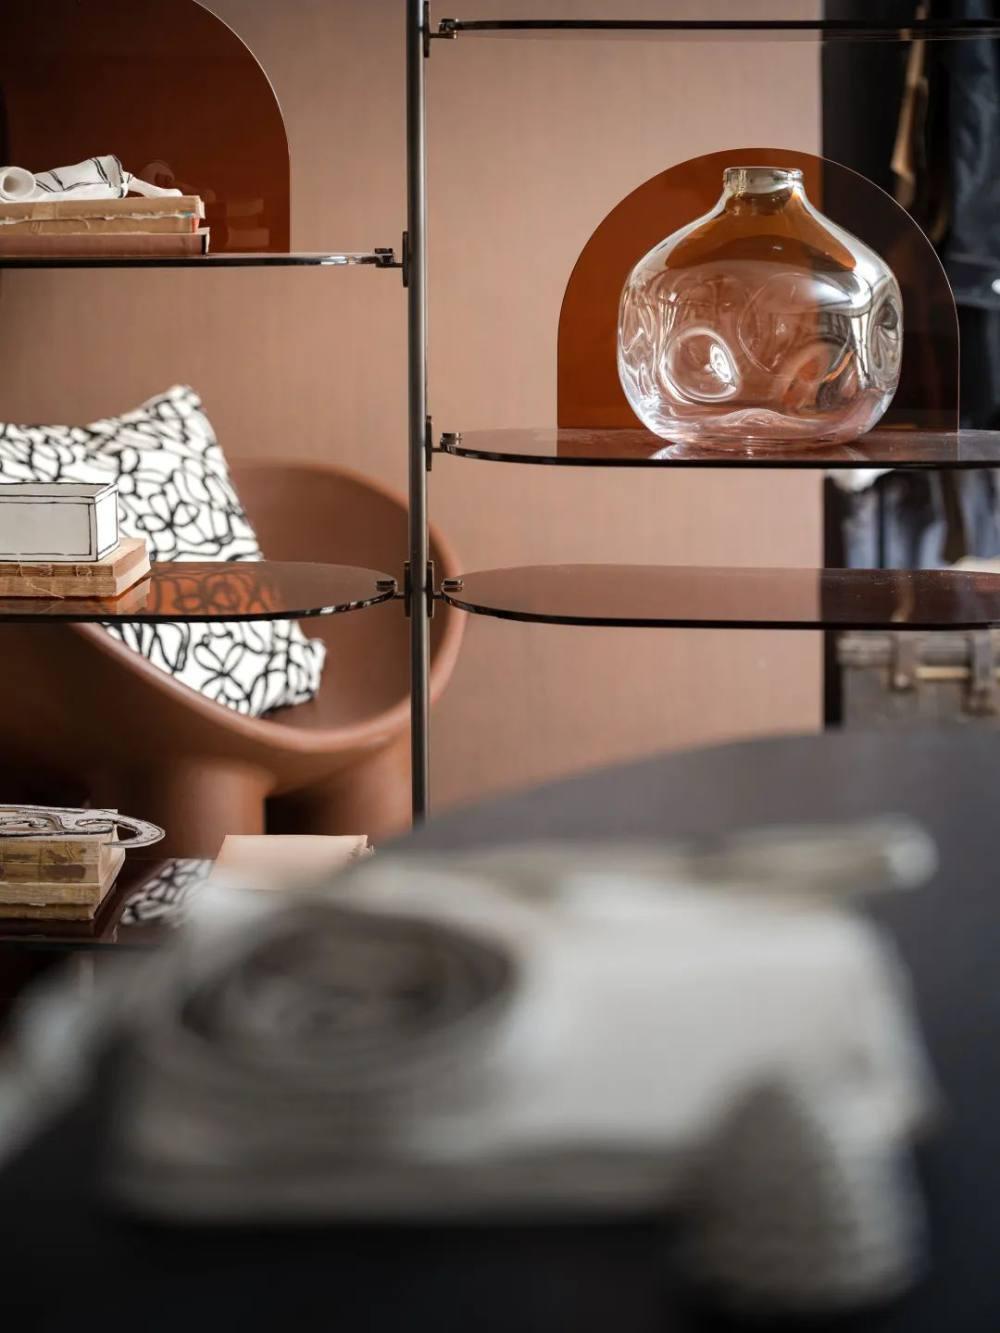 布鲁盟设计丨阳光城梵悦108:设计生活与艺术的共同体-37.jpg